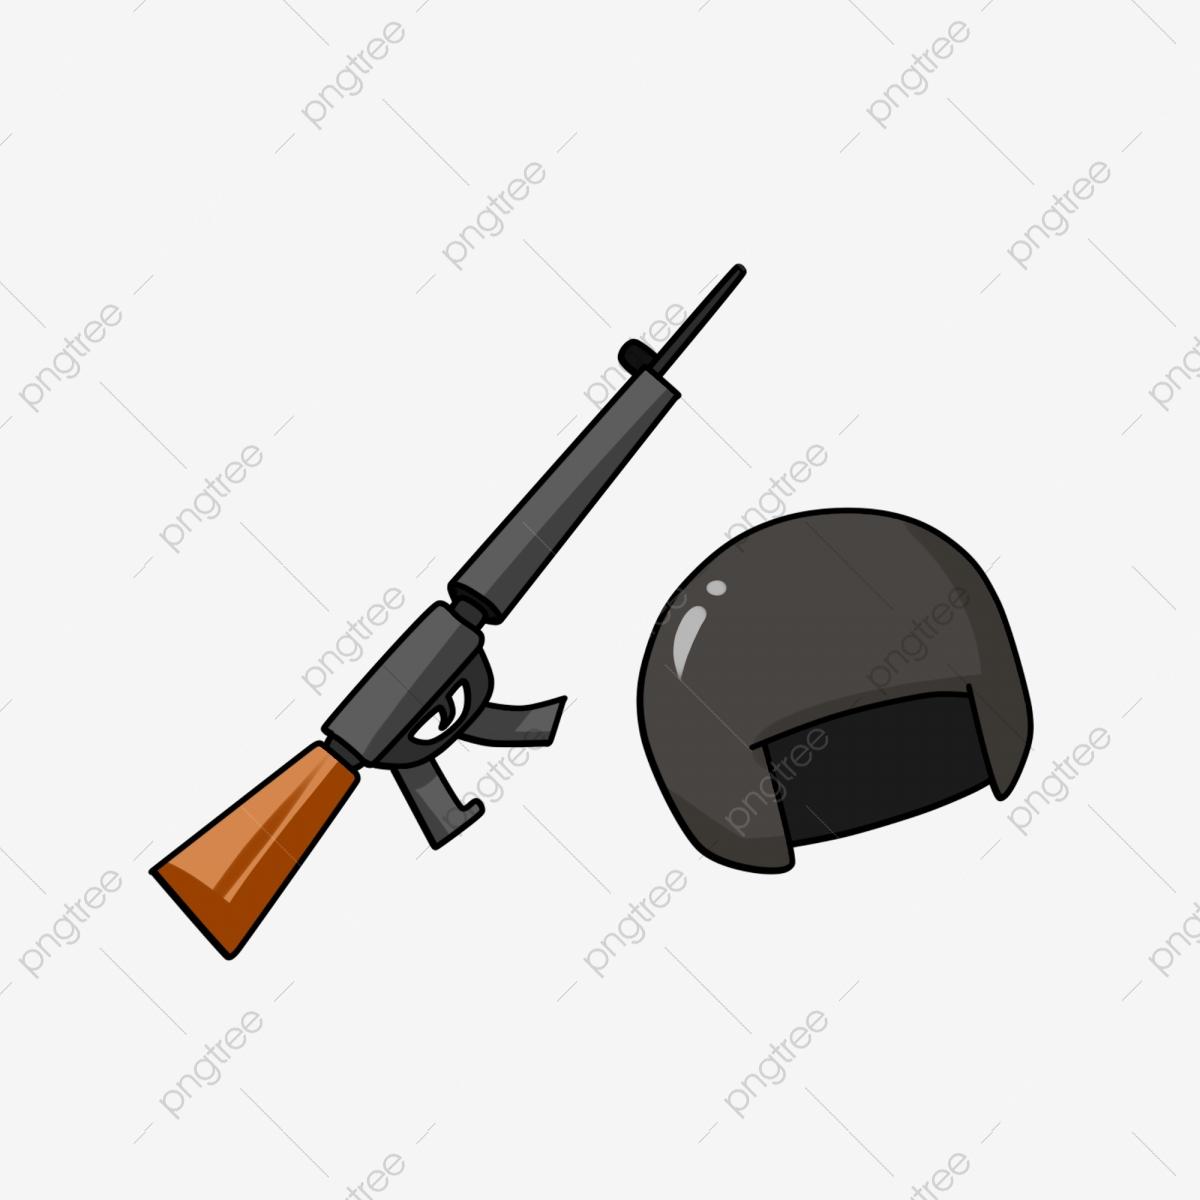 Fusil Jouet Casque Noir Illustration Jouet Dessin Animé Beau encequiconcerne Comment Dessiner Un Fusil